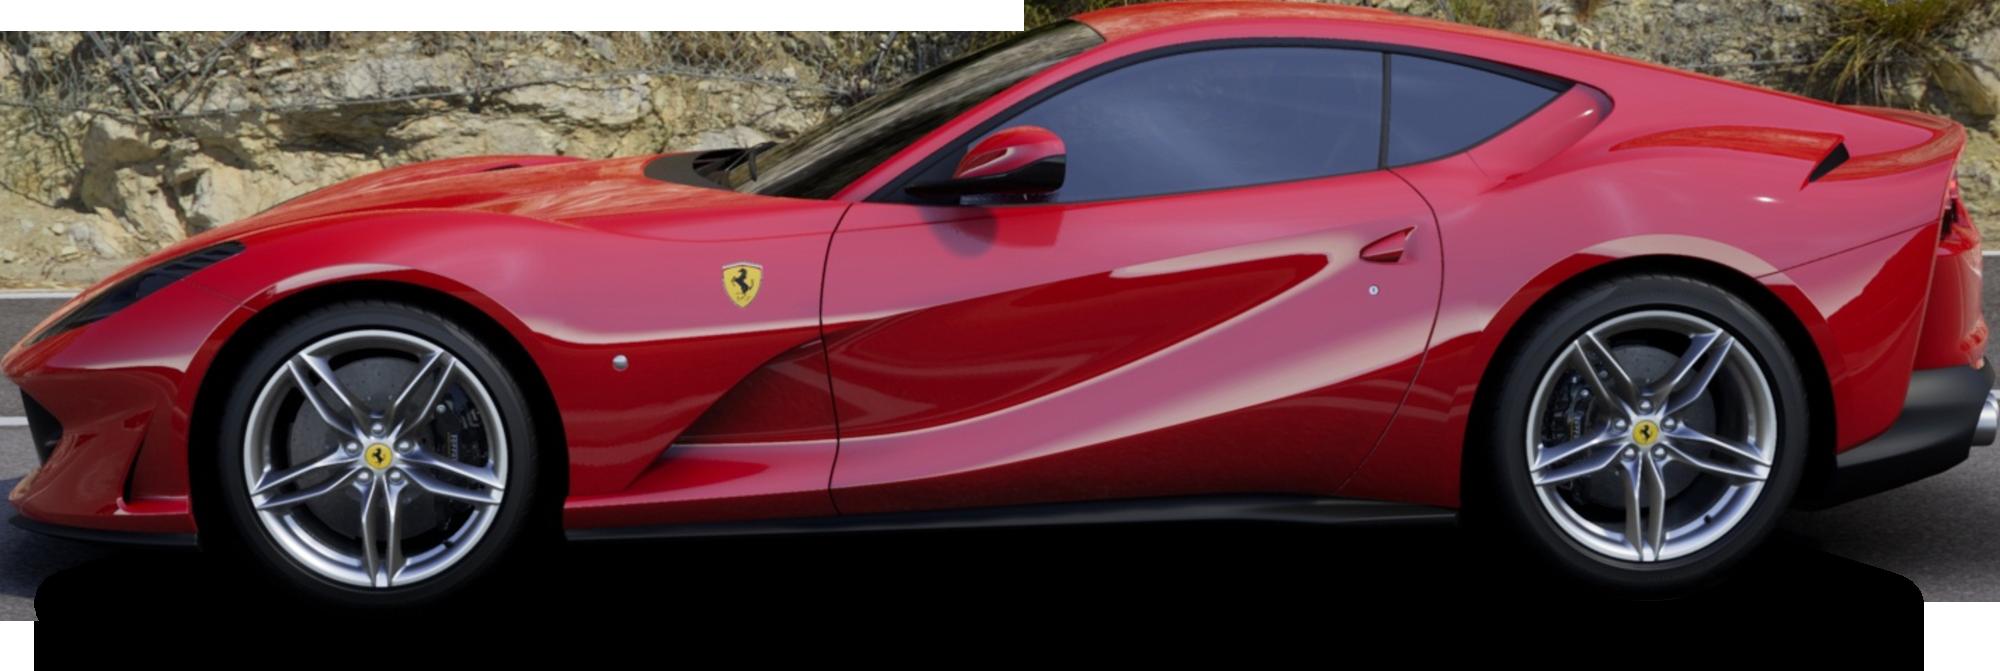 2020 Ferrari 812 Superfast Coupe Plano Dallas